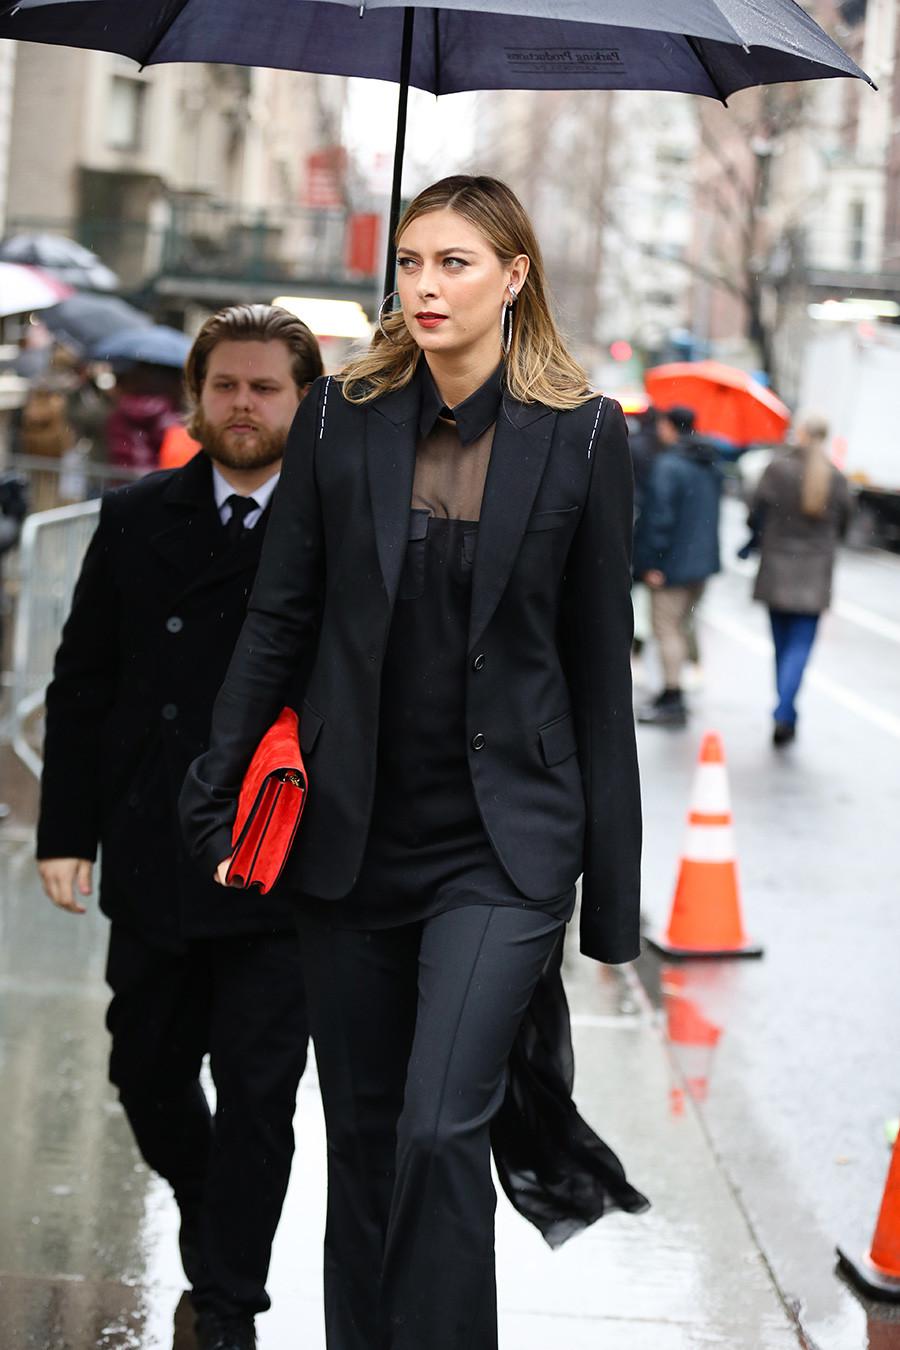 Maria Sharapova terlihat di luar pertunjukan Vera Wang pada acara New York Fashion Week pada 11 Februari 2020 di New York.